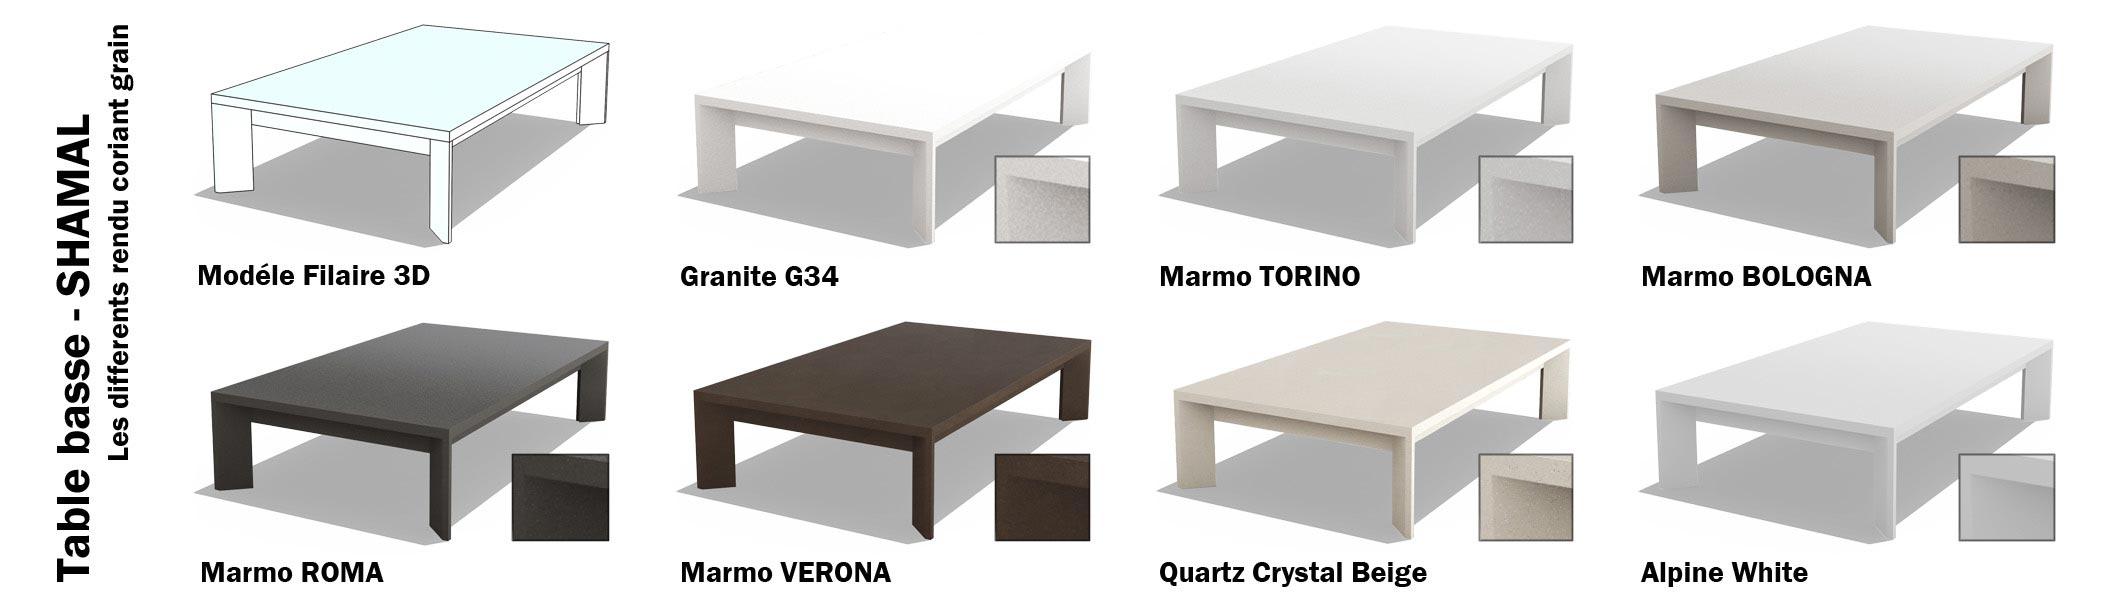 esprit loft meuble table stims 3d imagerie d 39 architecture. Black Bedroom Furniture Sets. Home Design Ideas